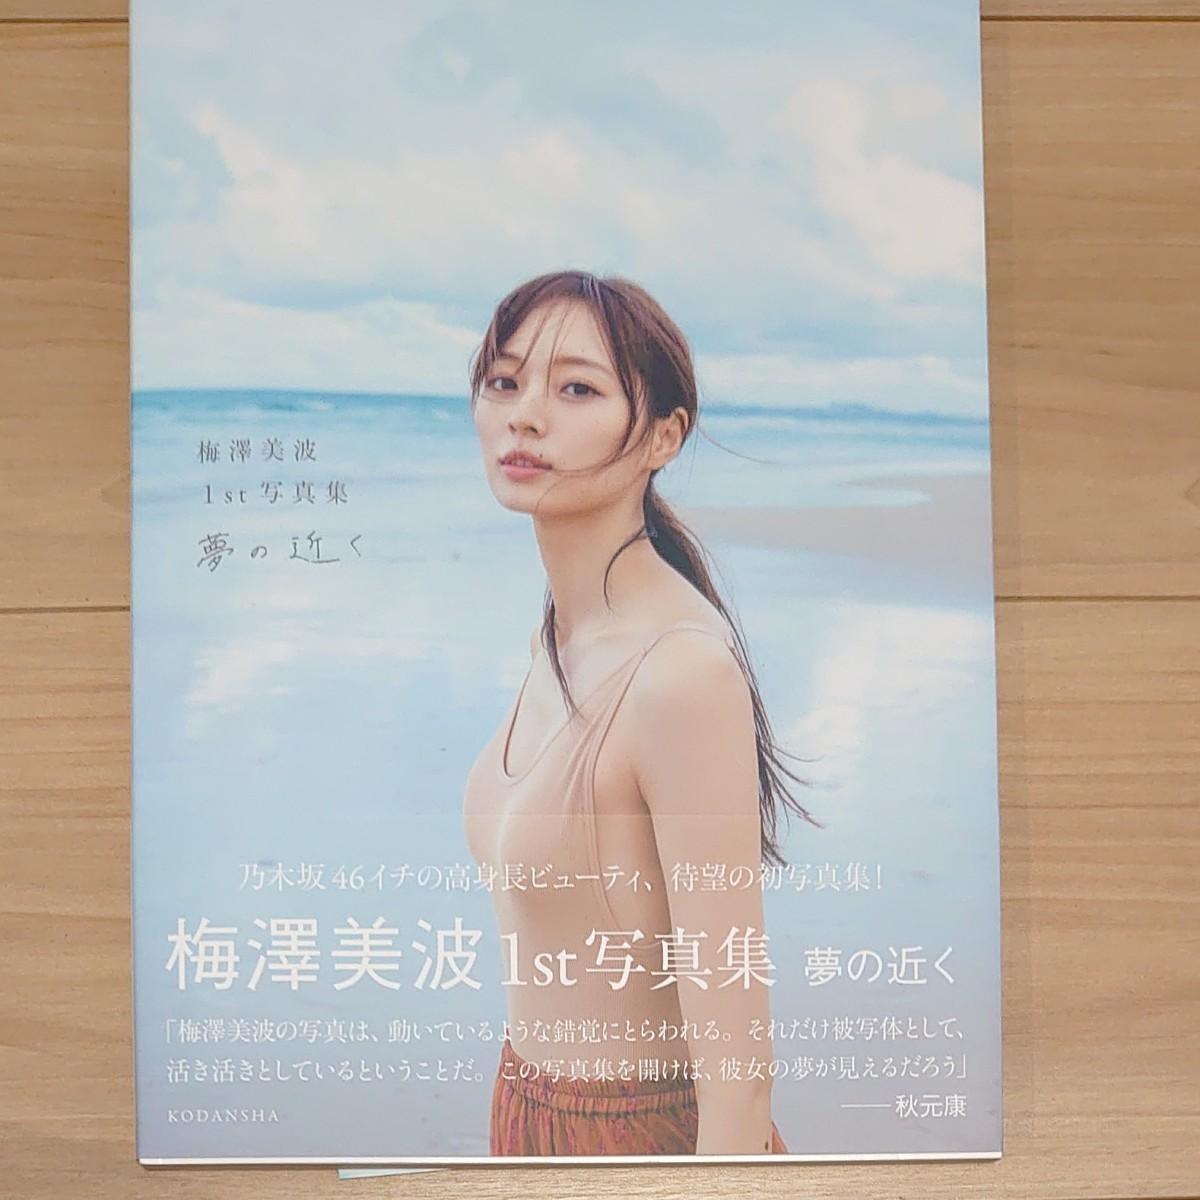 乃木坂46 梅澤美波 写真集